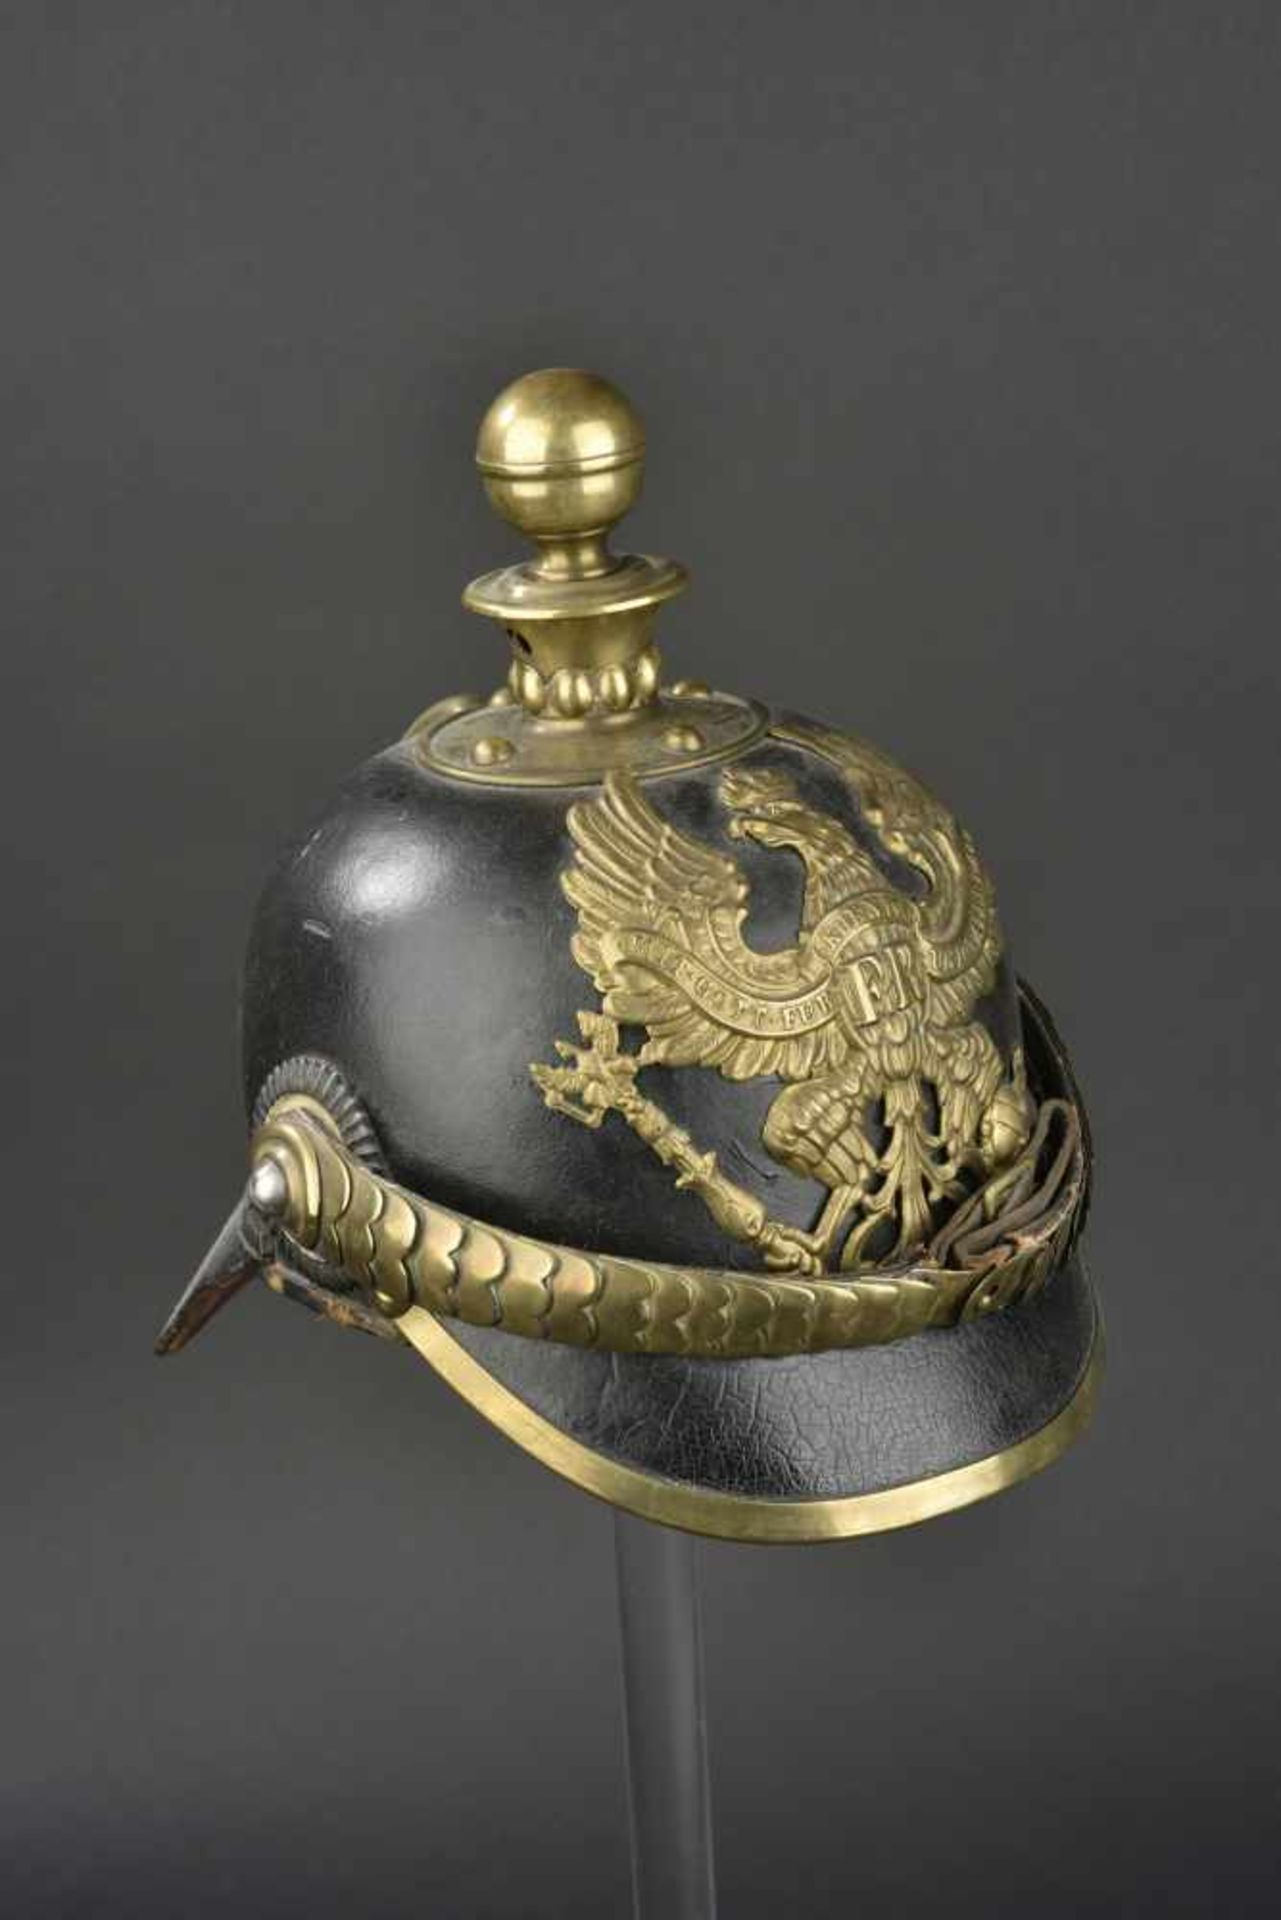 PRUSSE Casque d'artilleur modèle 1871 Bombe en cuir épais, Garnitures laiton. Ce type de casque se - Bild 2 aus 4